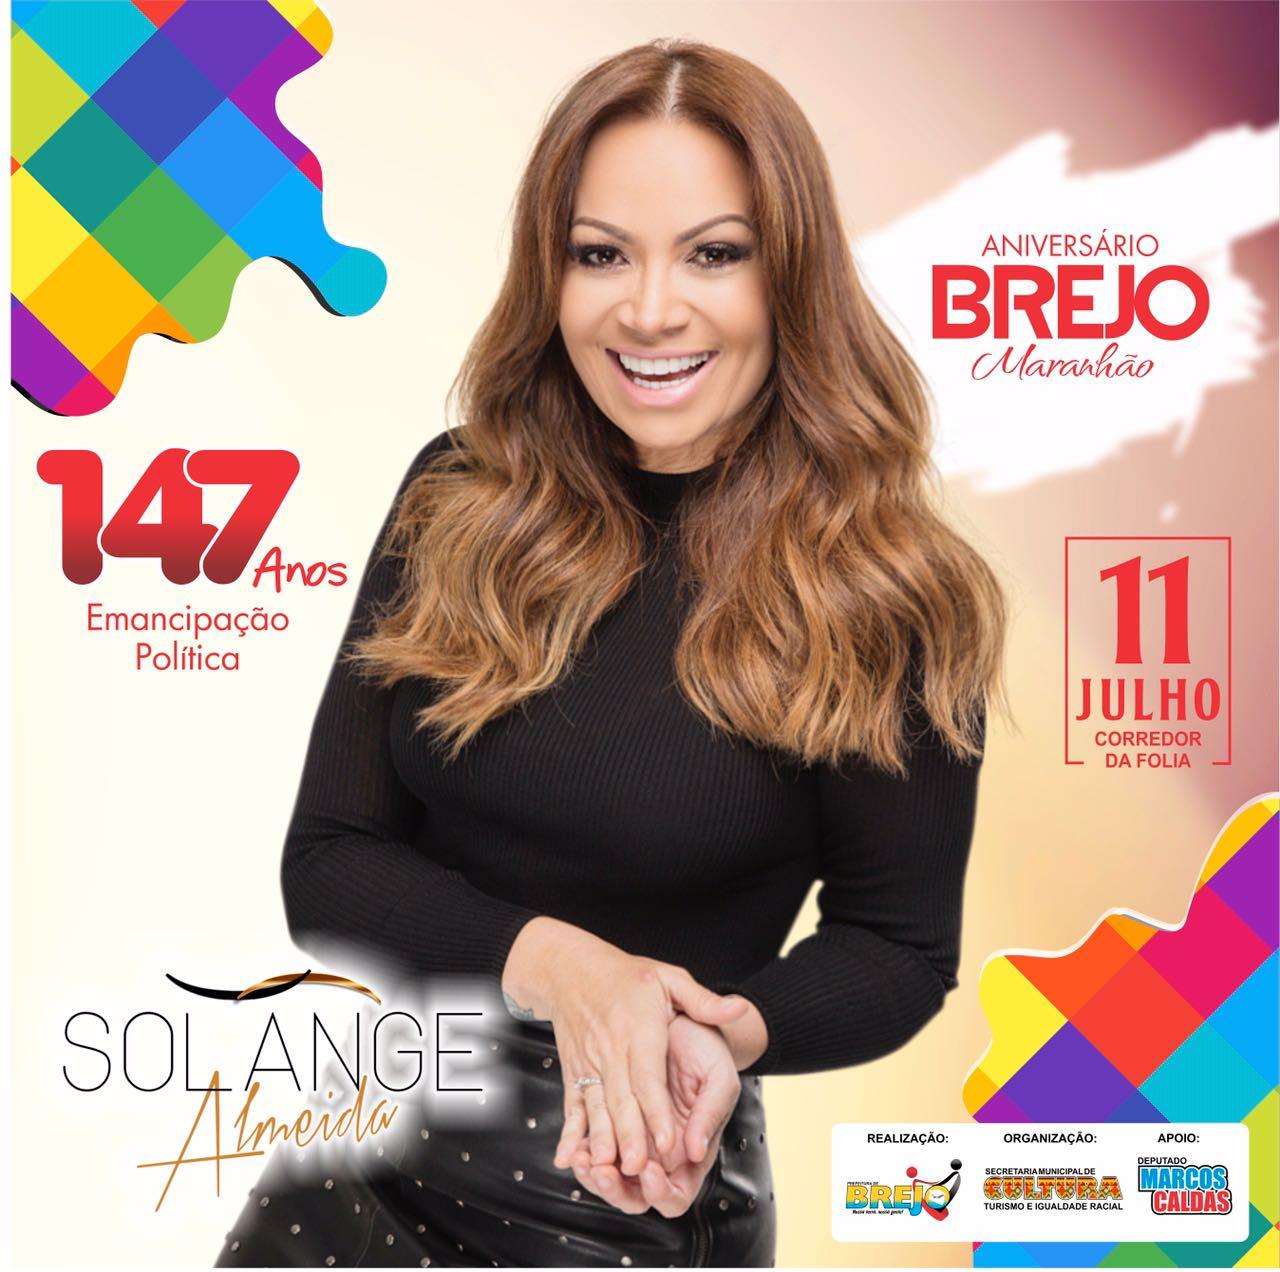 Brejo: Secretaria Cultura prepara os últimos ajustes para o aniversário da cidade com a cantora Solange Almeida